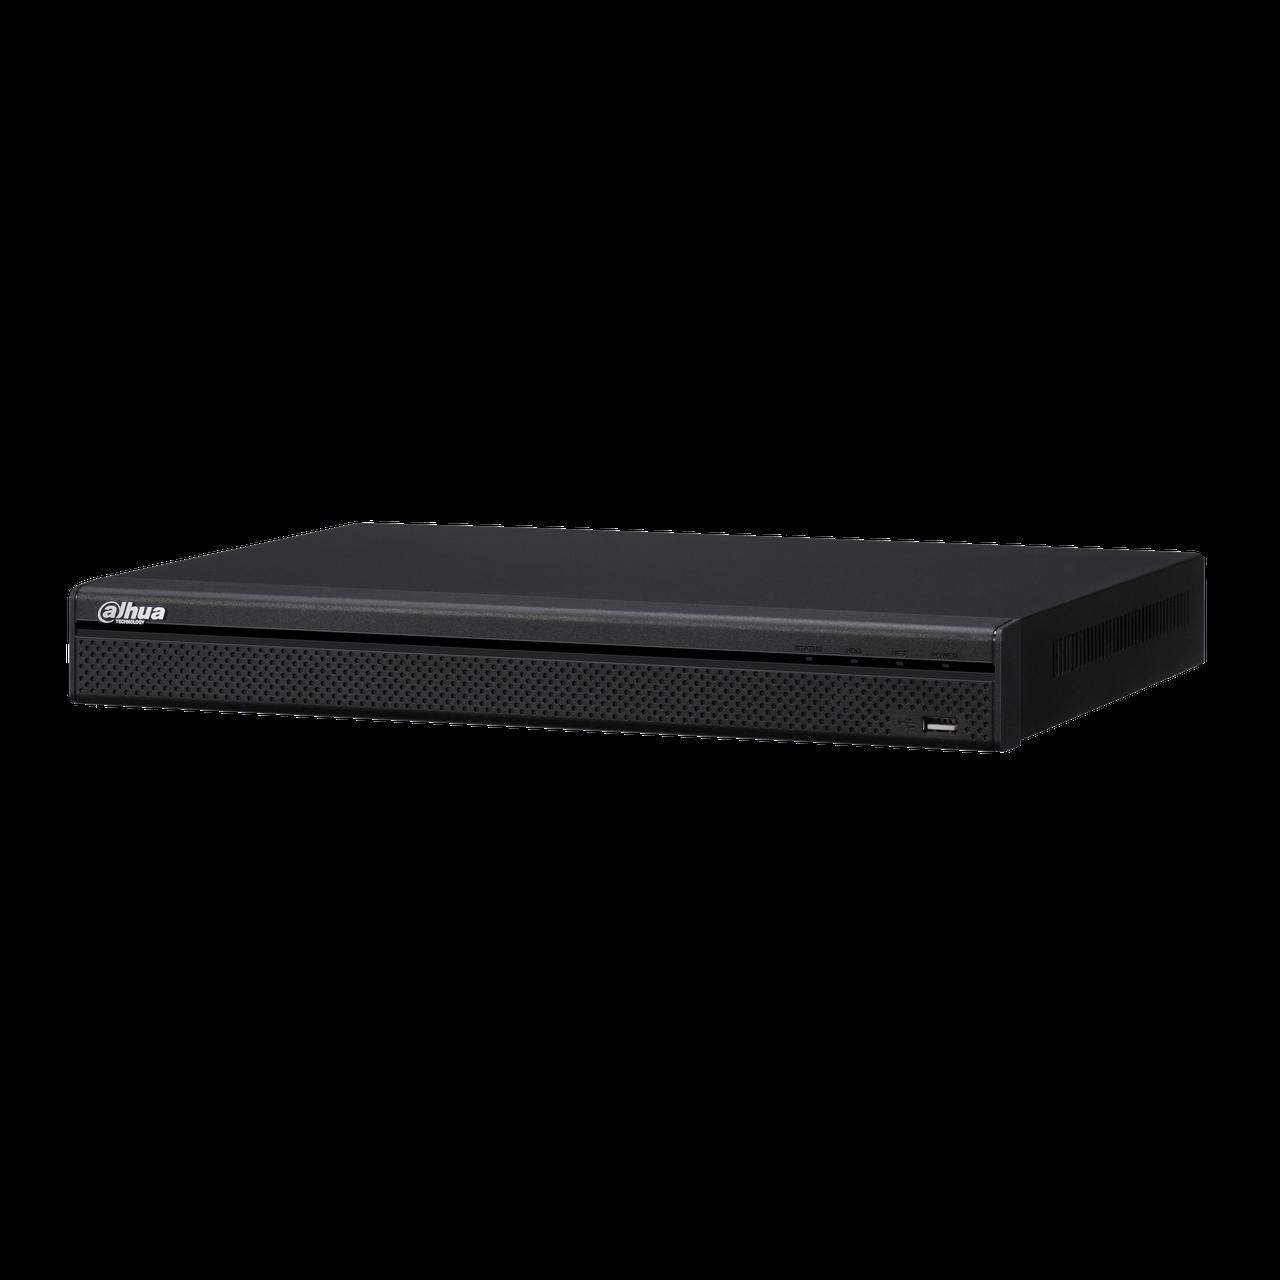 Видеорегистратор NVR4216-4KS2 Dahua Technology